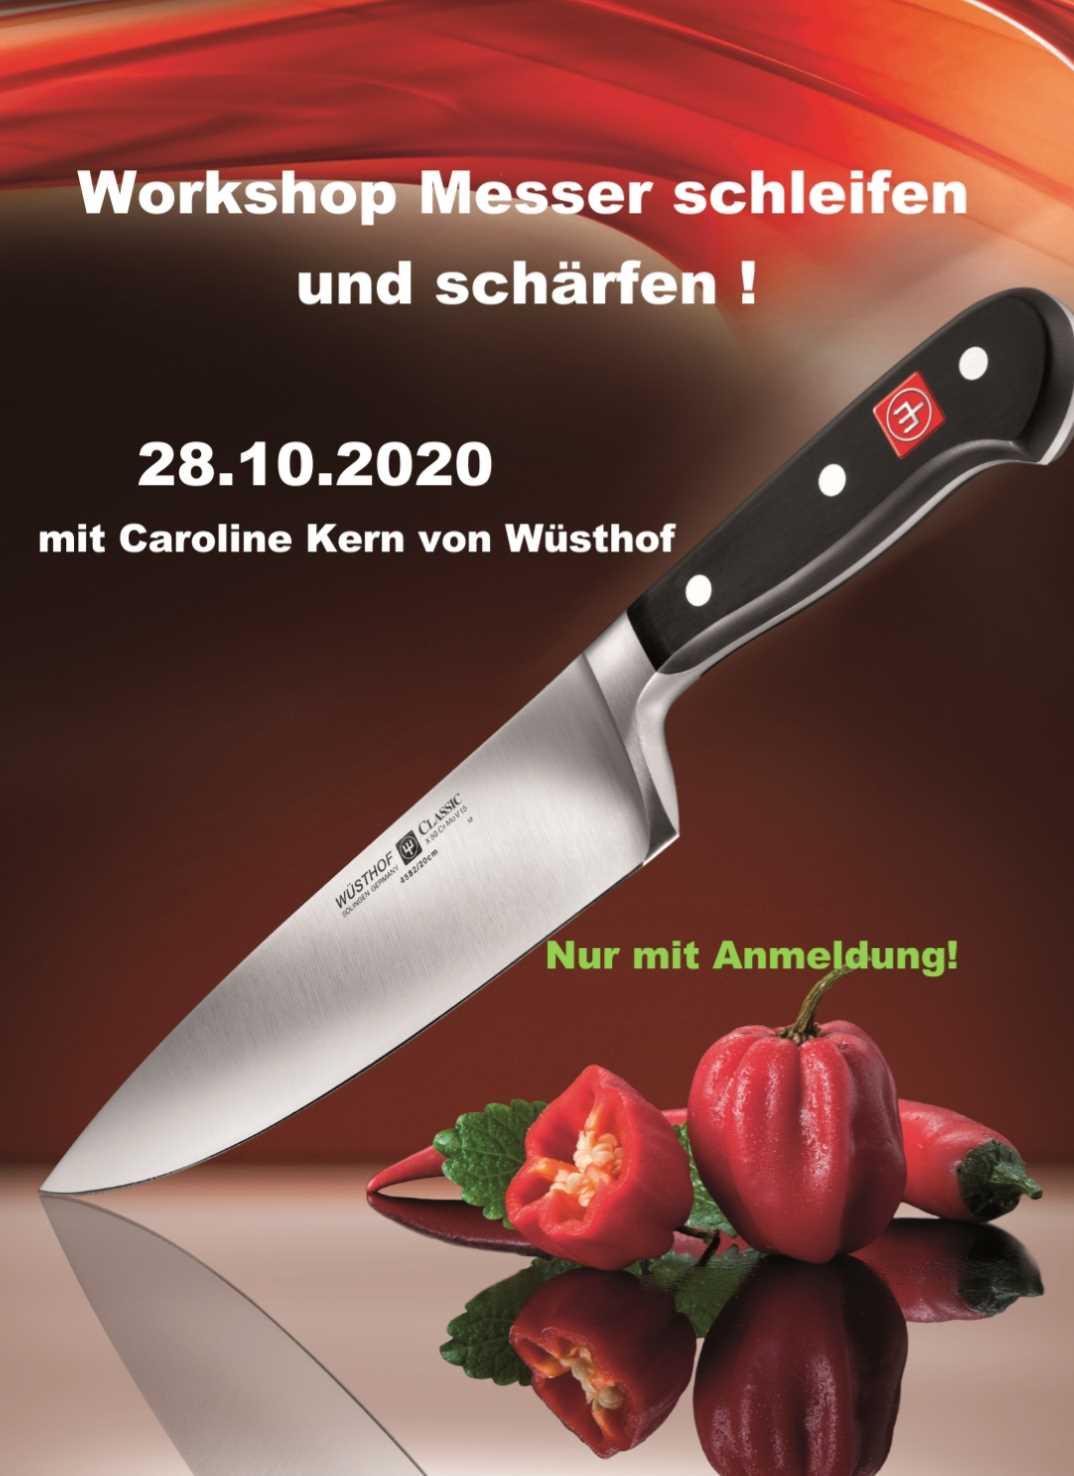 Workshop: Messer schleifen